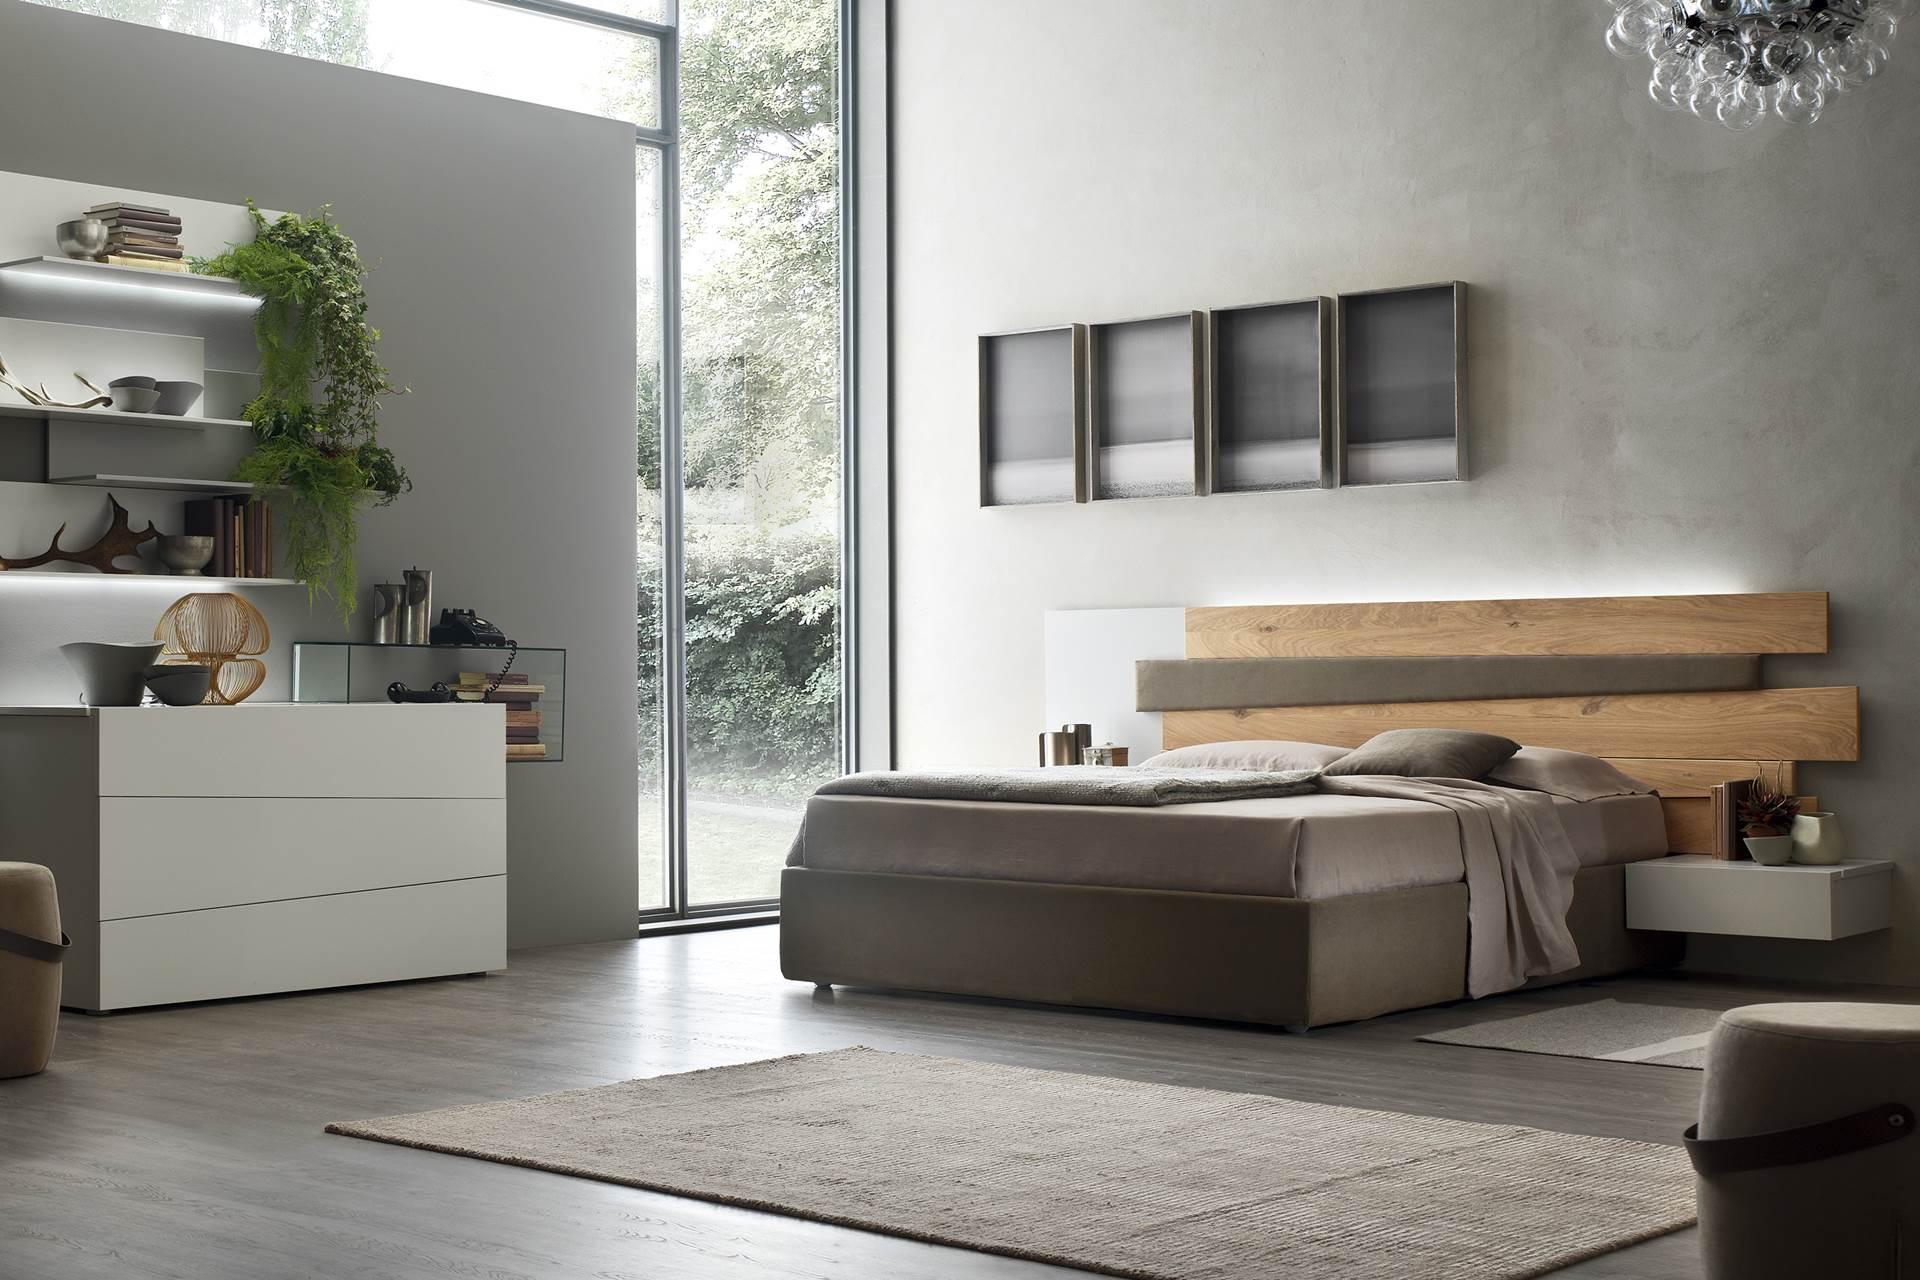 Chambre laque et chêne massif bois marron gris - Story